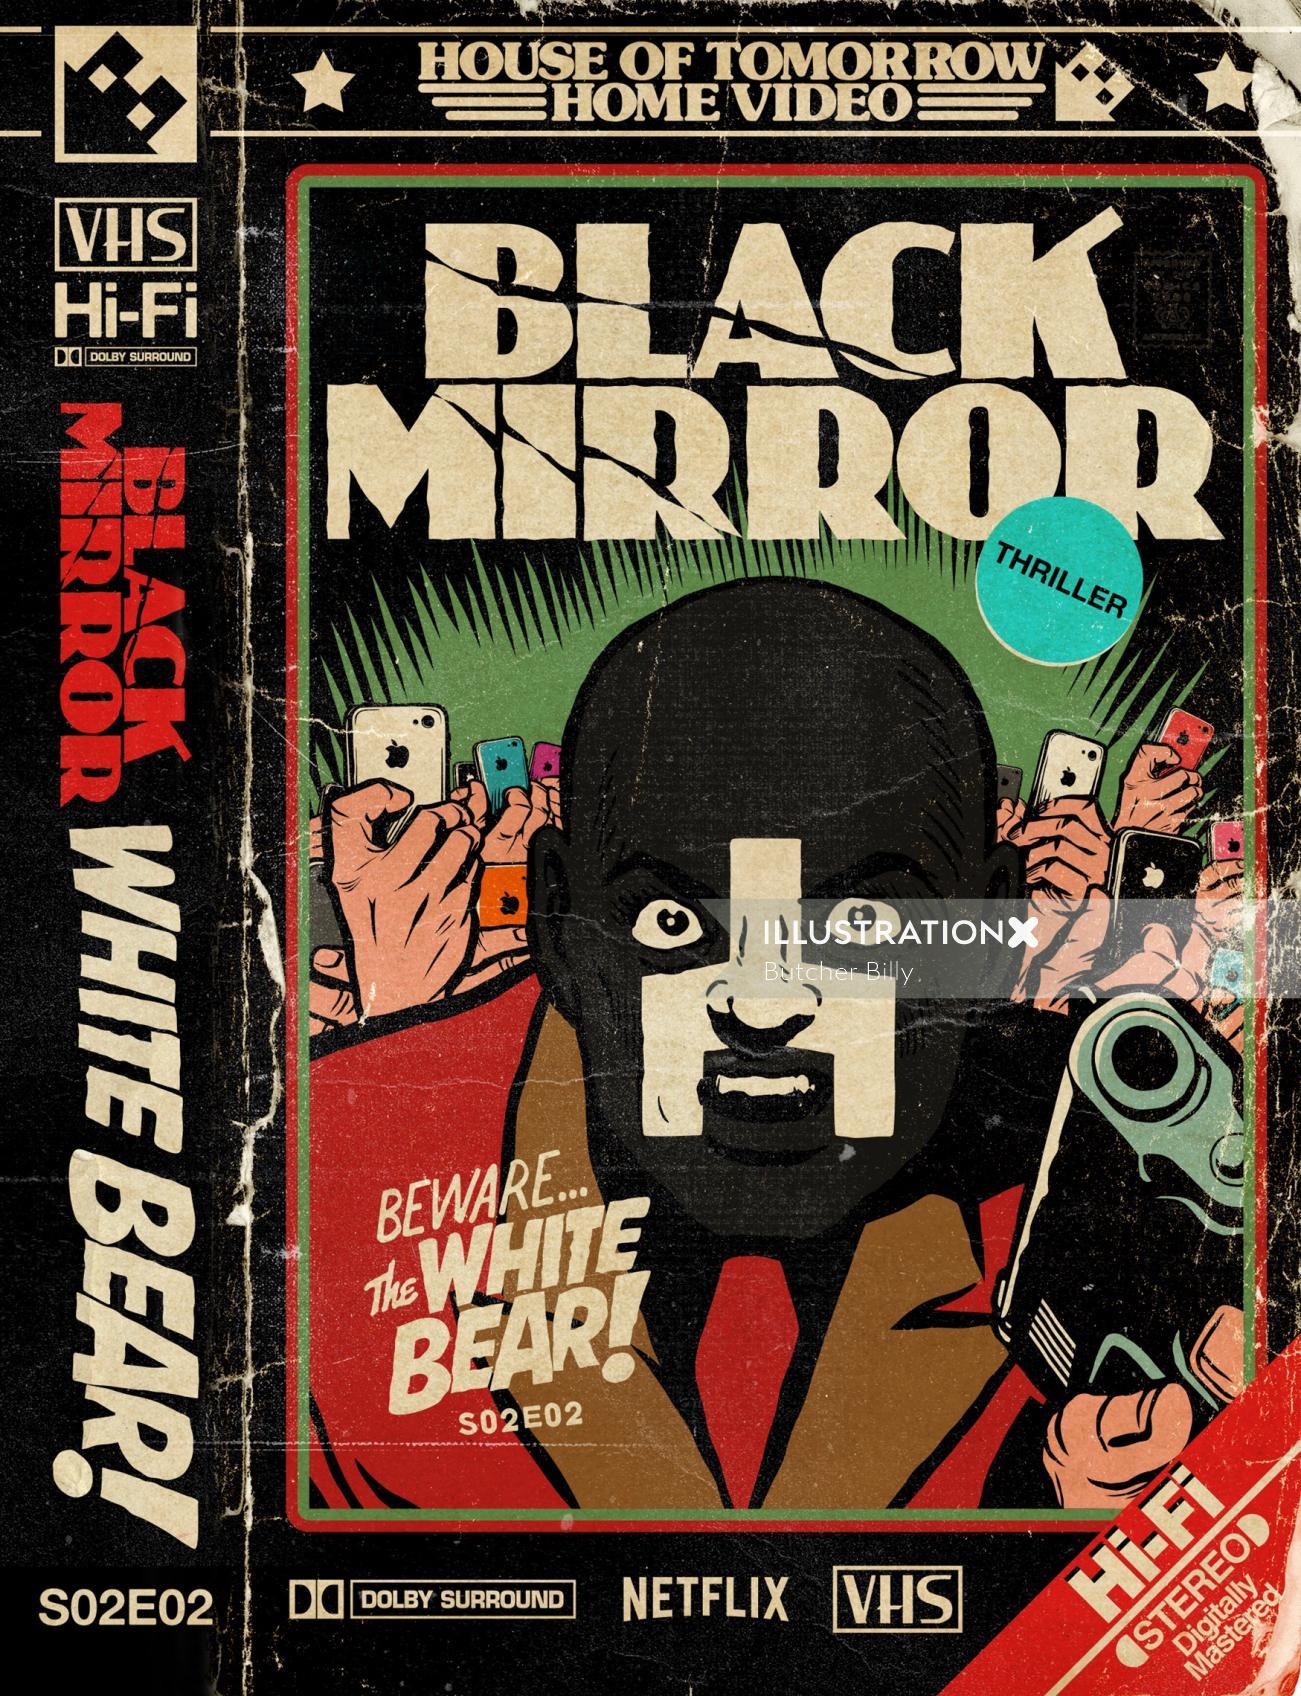 Black mirror lettering art for poster design